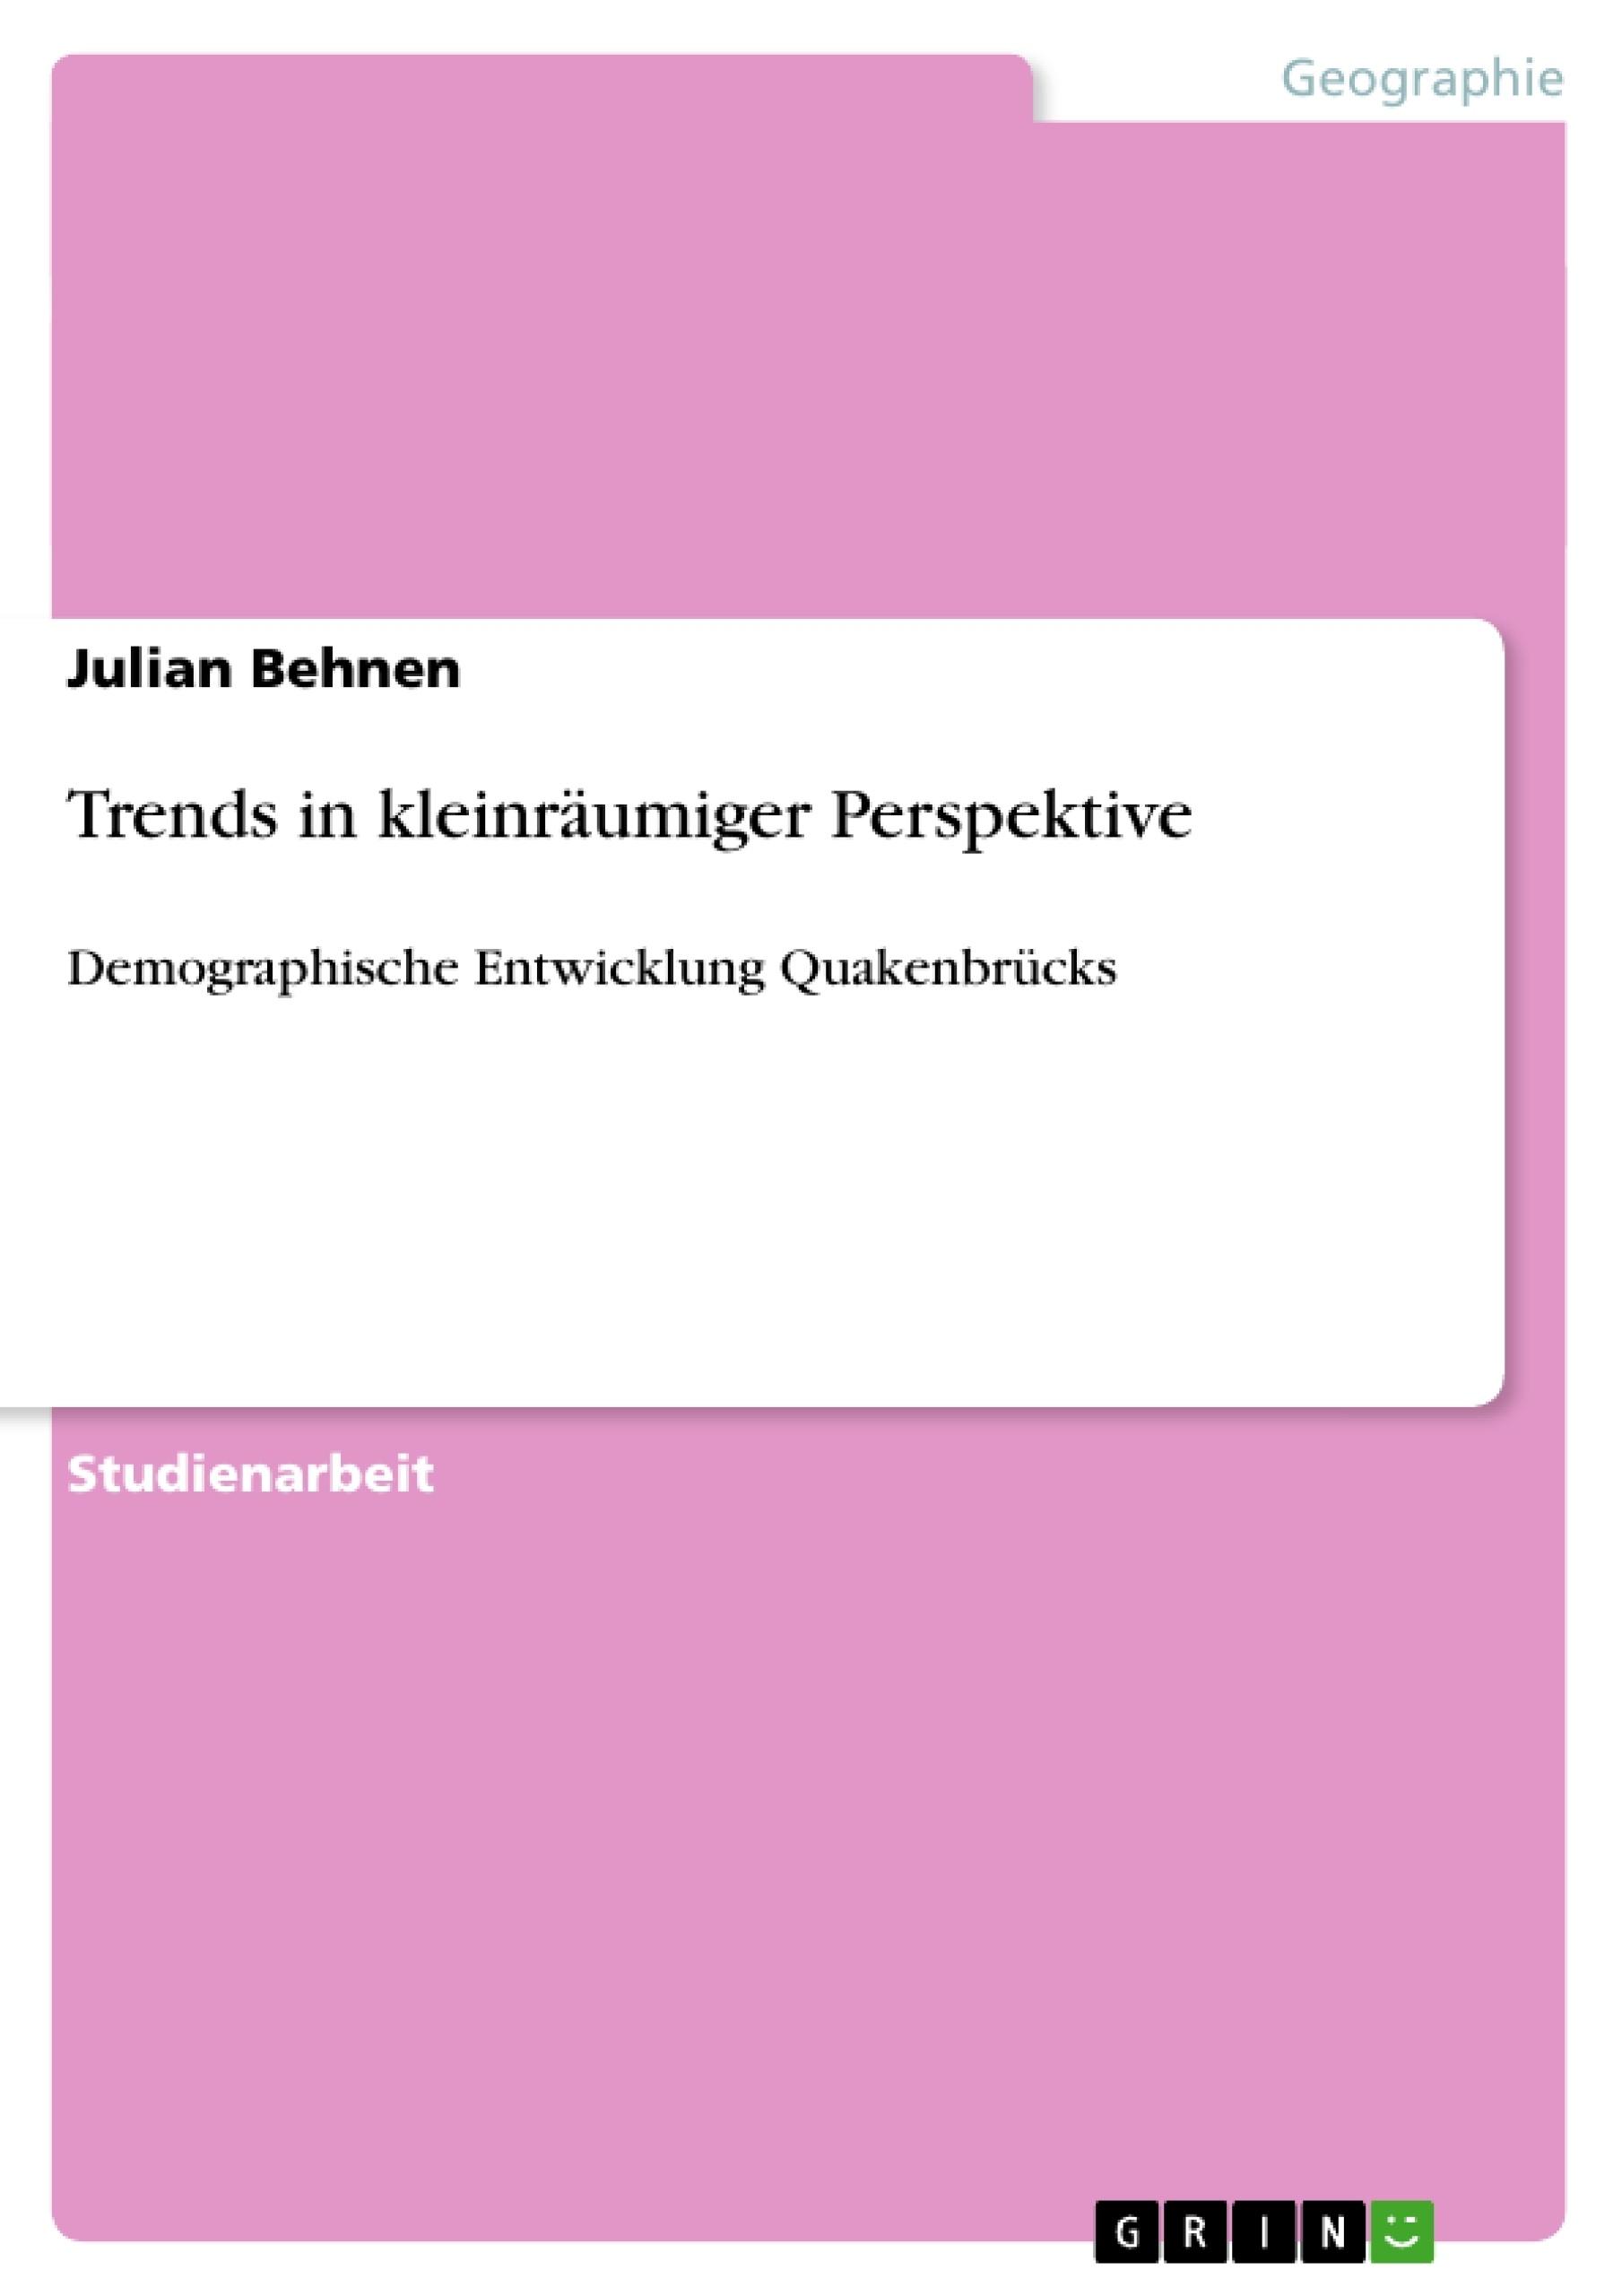 Titel: Trends in kleinräumiger Perspektive